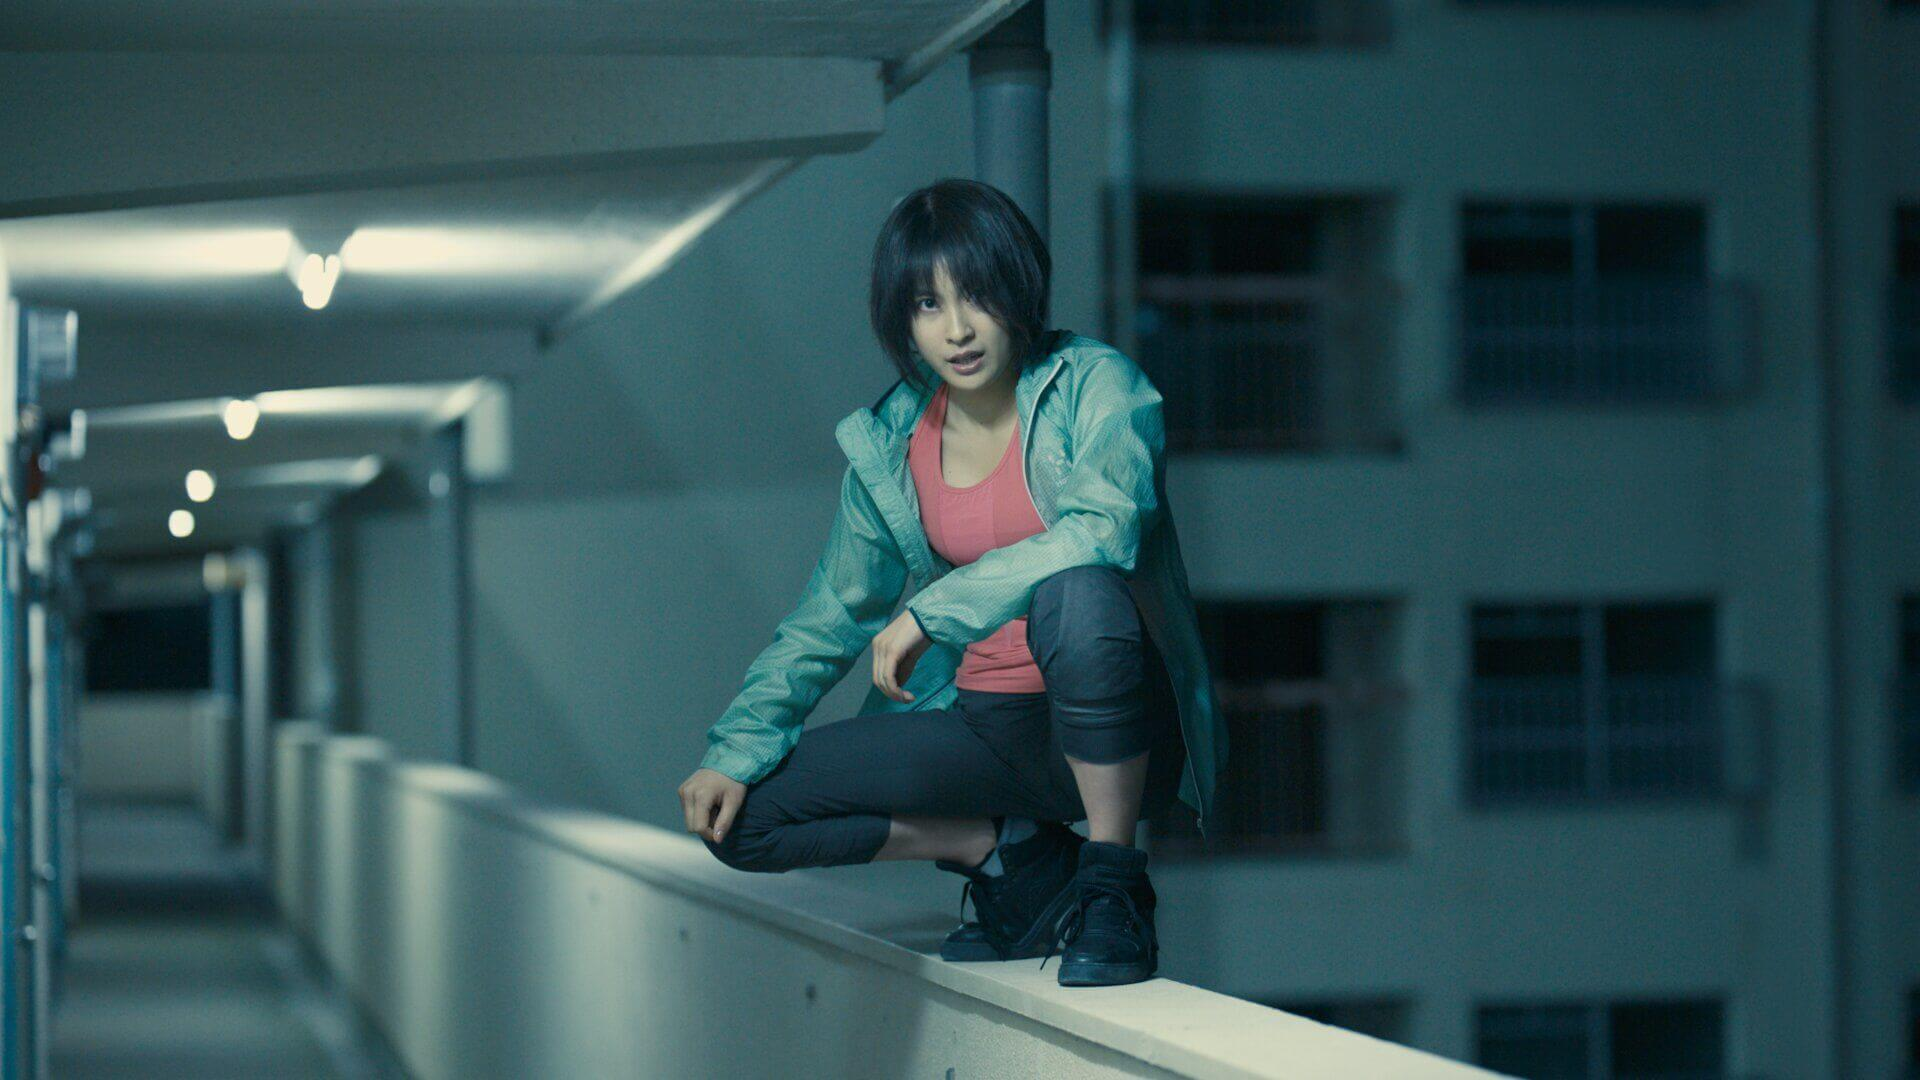 Tao Tsuchiya personagem